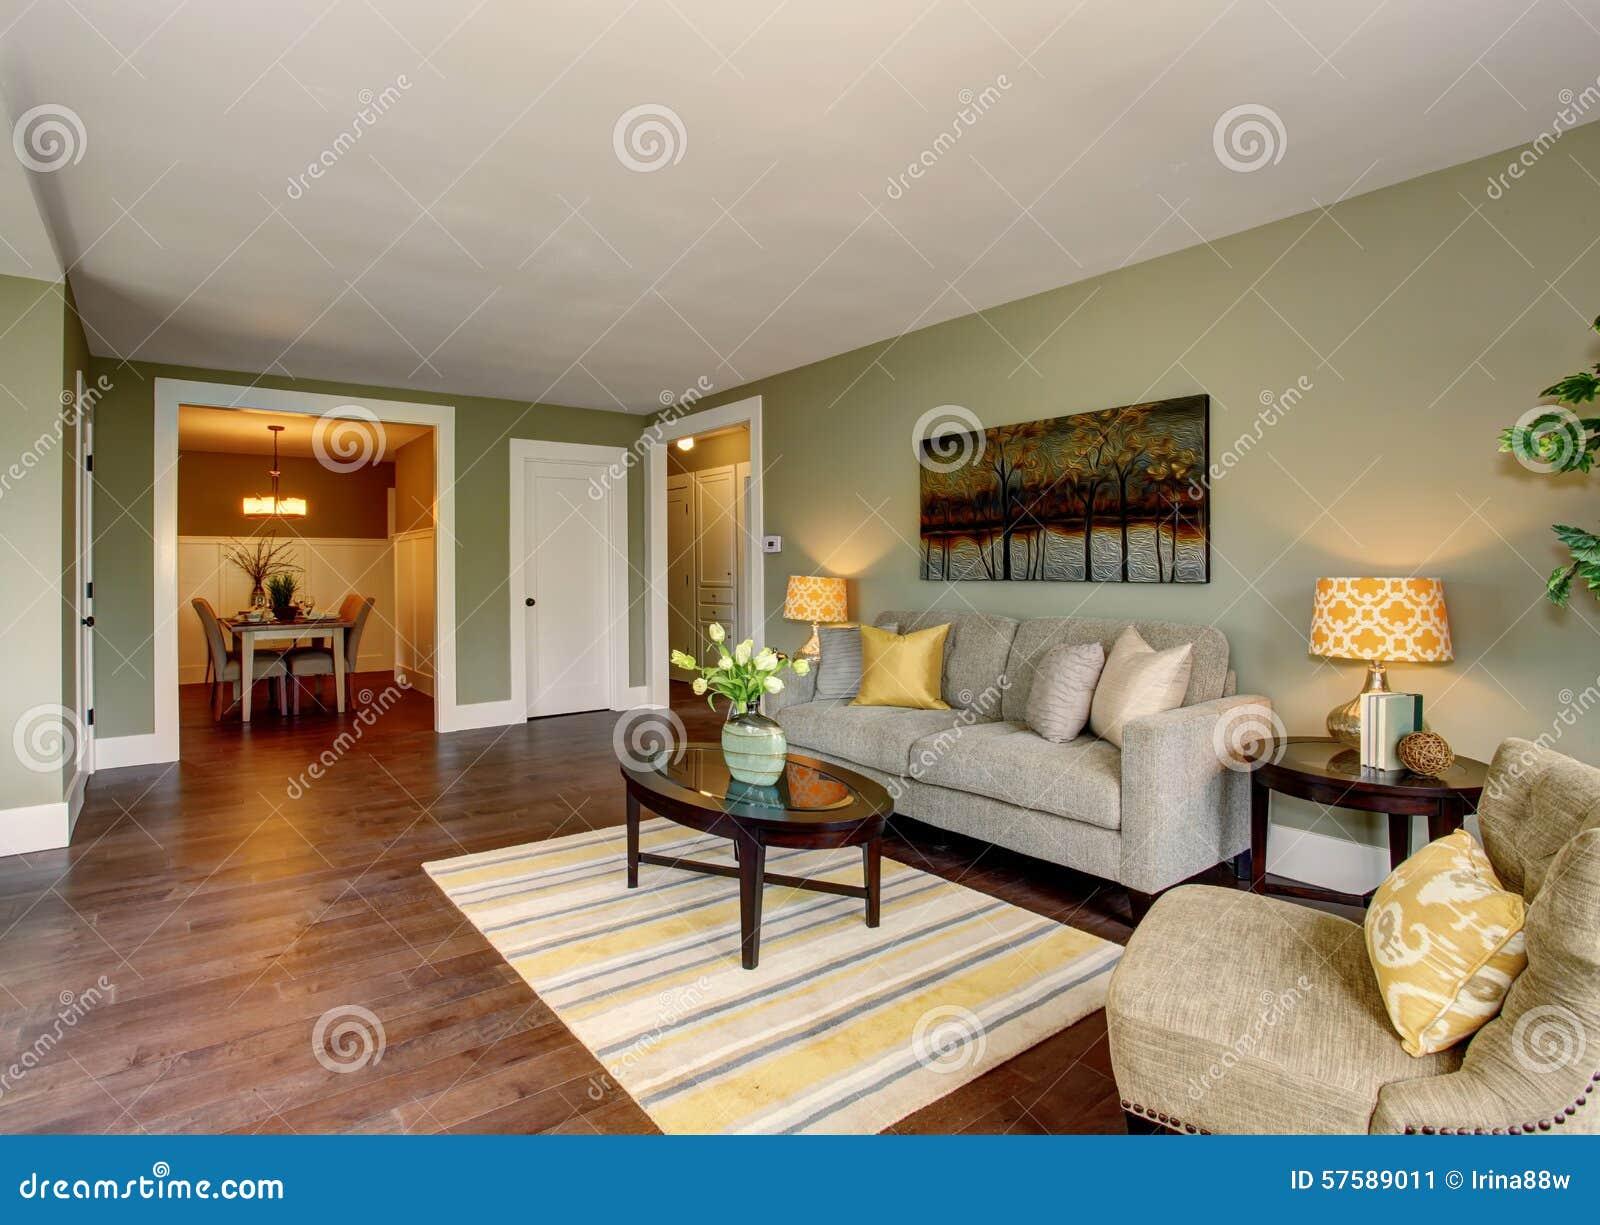 Groene en gele woonkamer stock foto. Afbeelding bestaande uit living ...